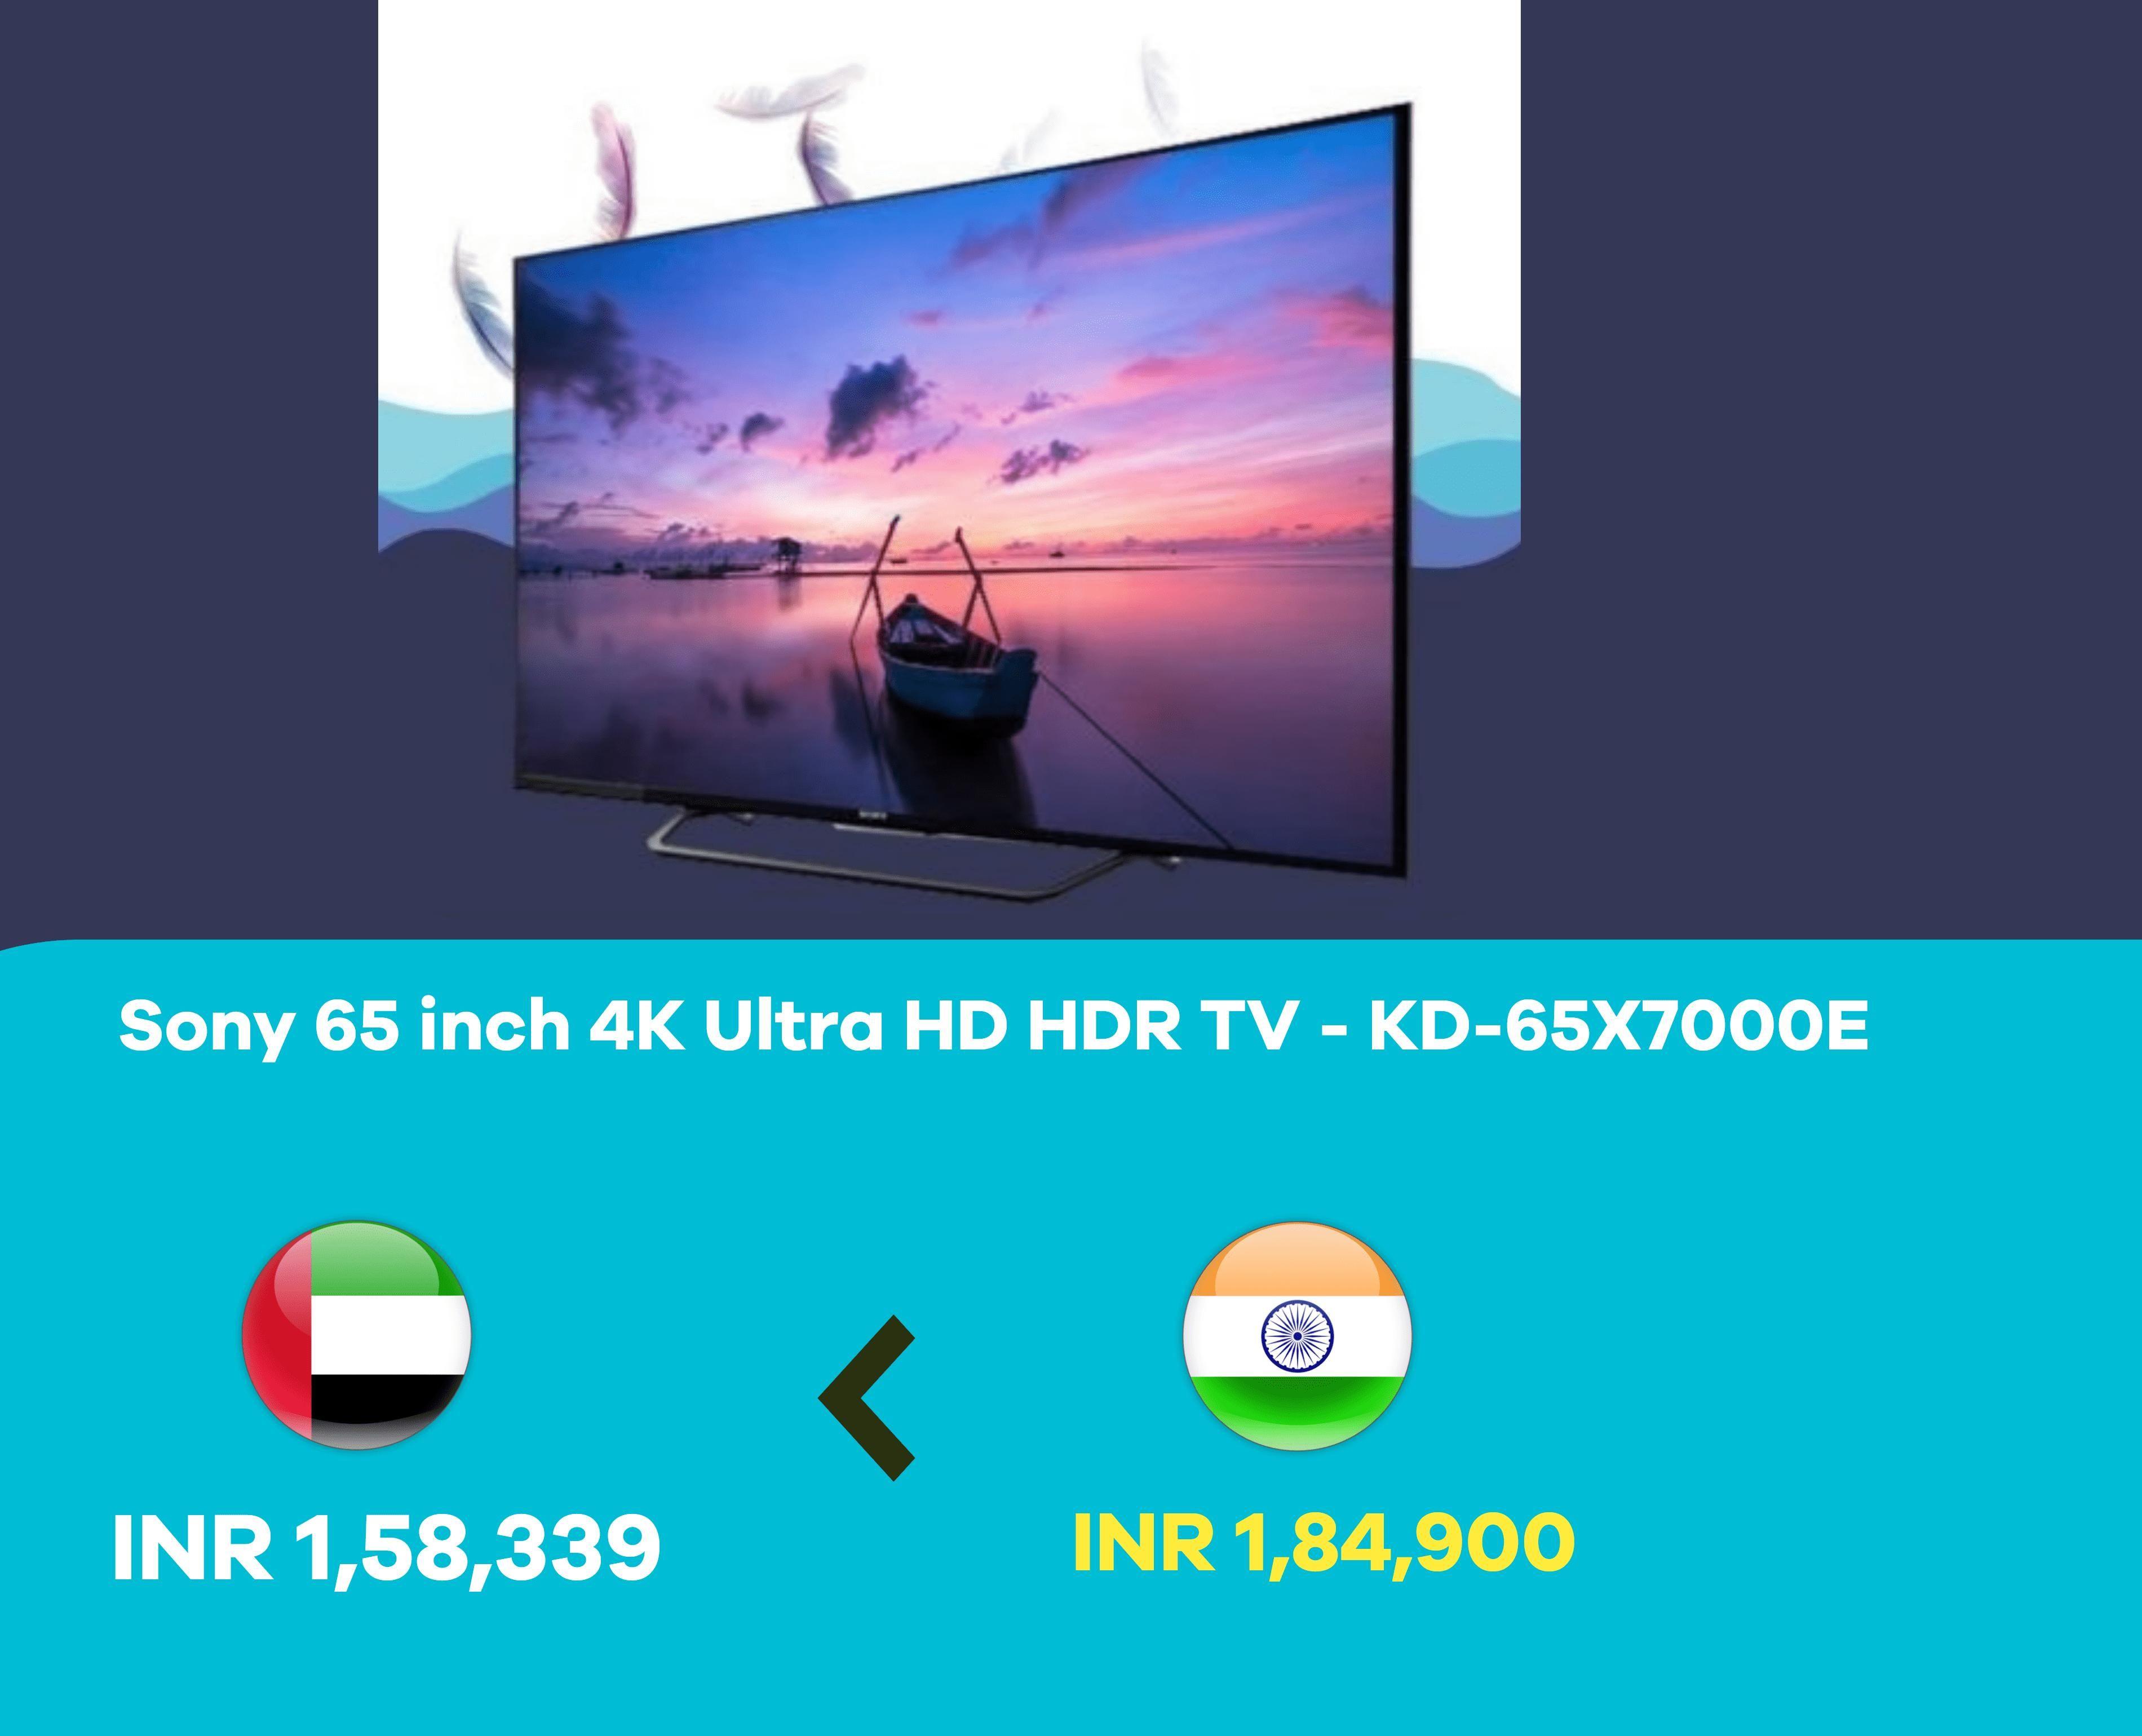 Flat 20% OFF 🔥😎 on #Sony 65 Inch 4K Ultra HD #TV